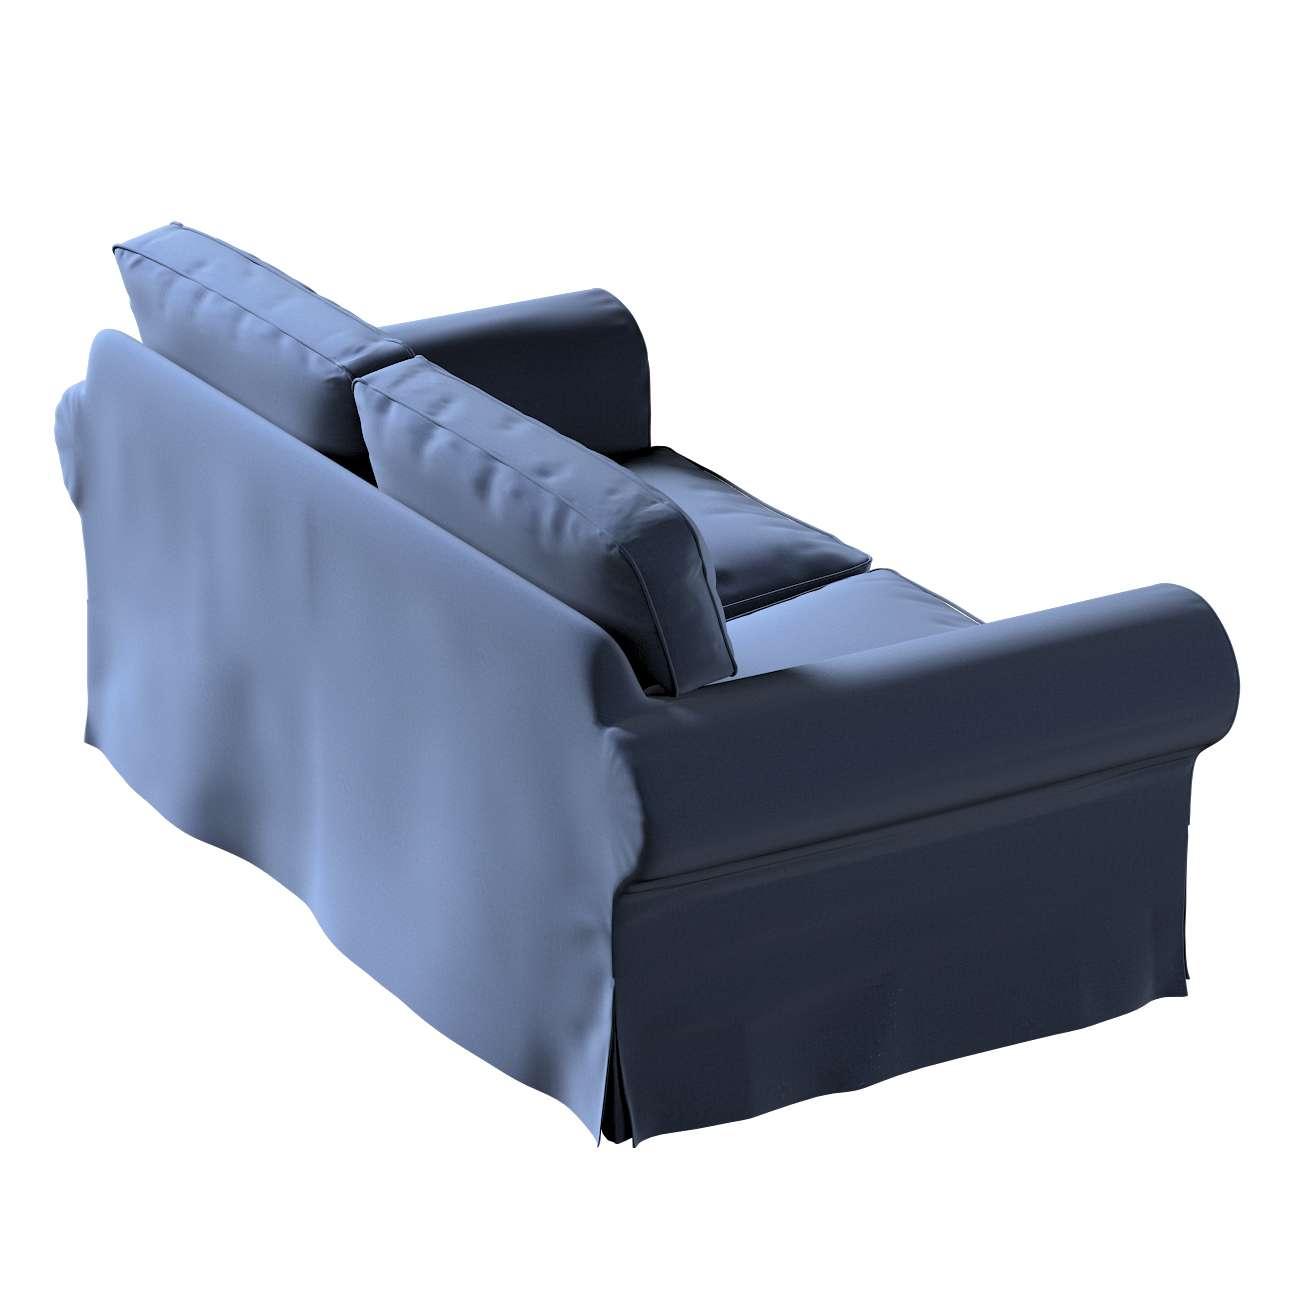 Pokrowiec na sofę Ektorp 2-osobową, nierozkładaną w kolekcji Ingrid, tkanina: 705-39